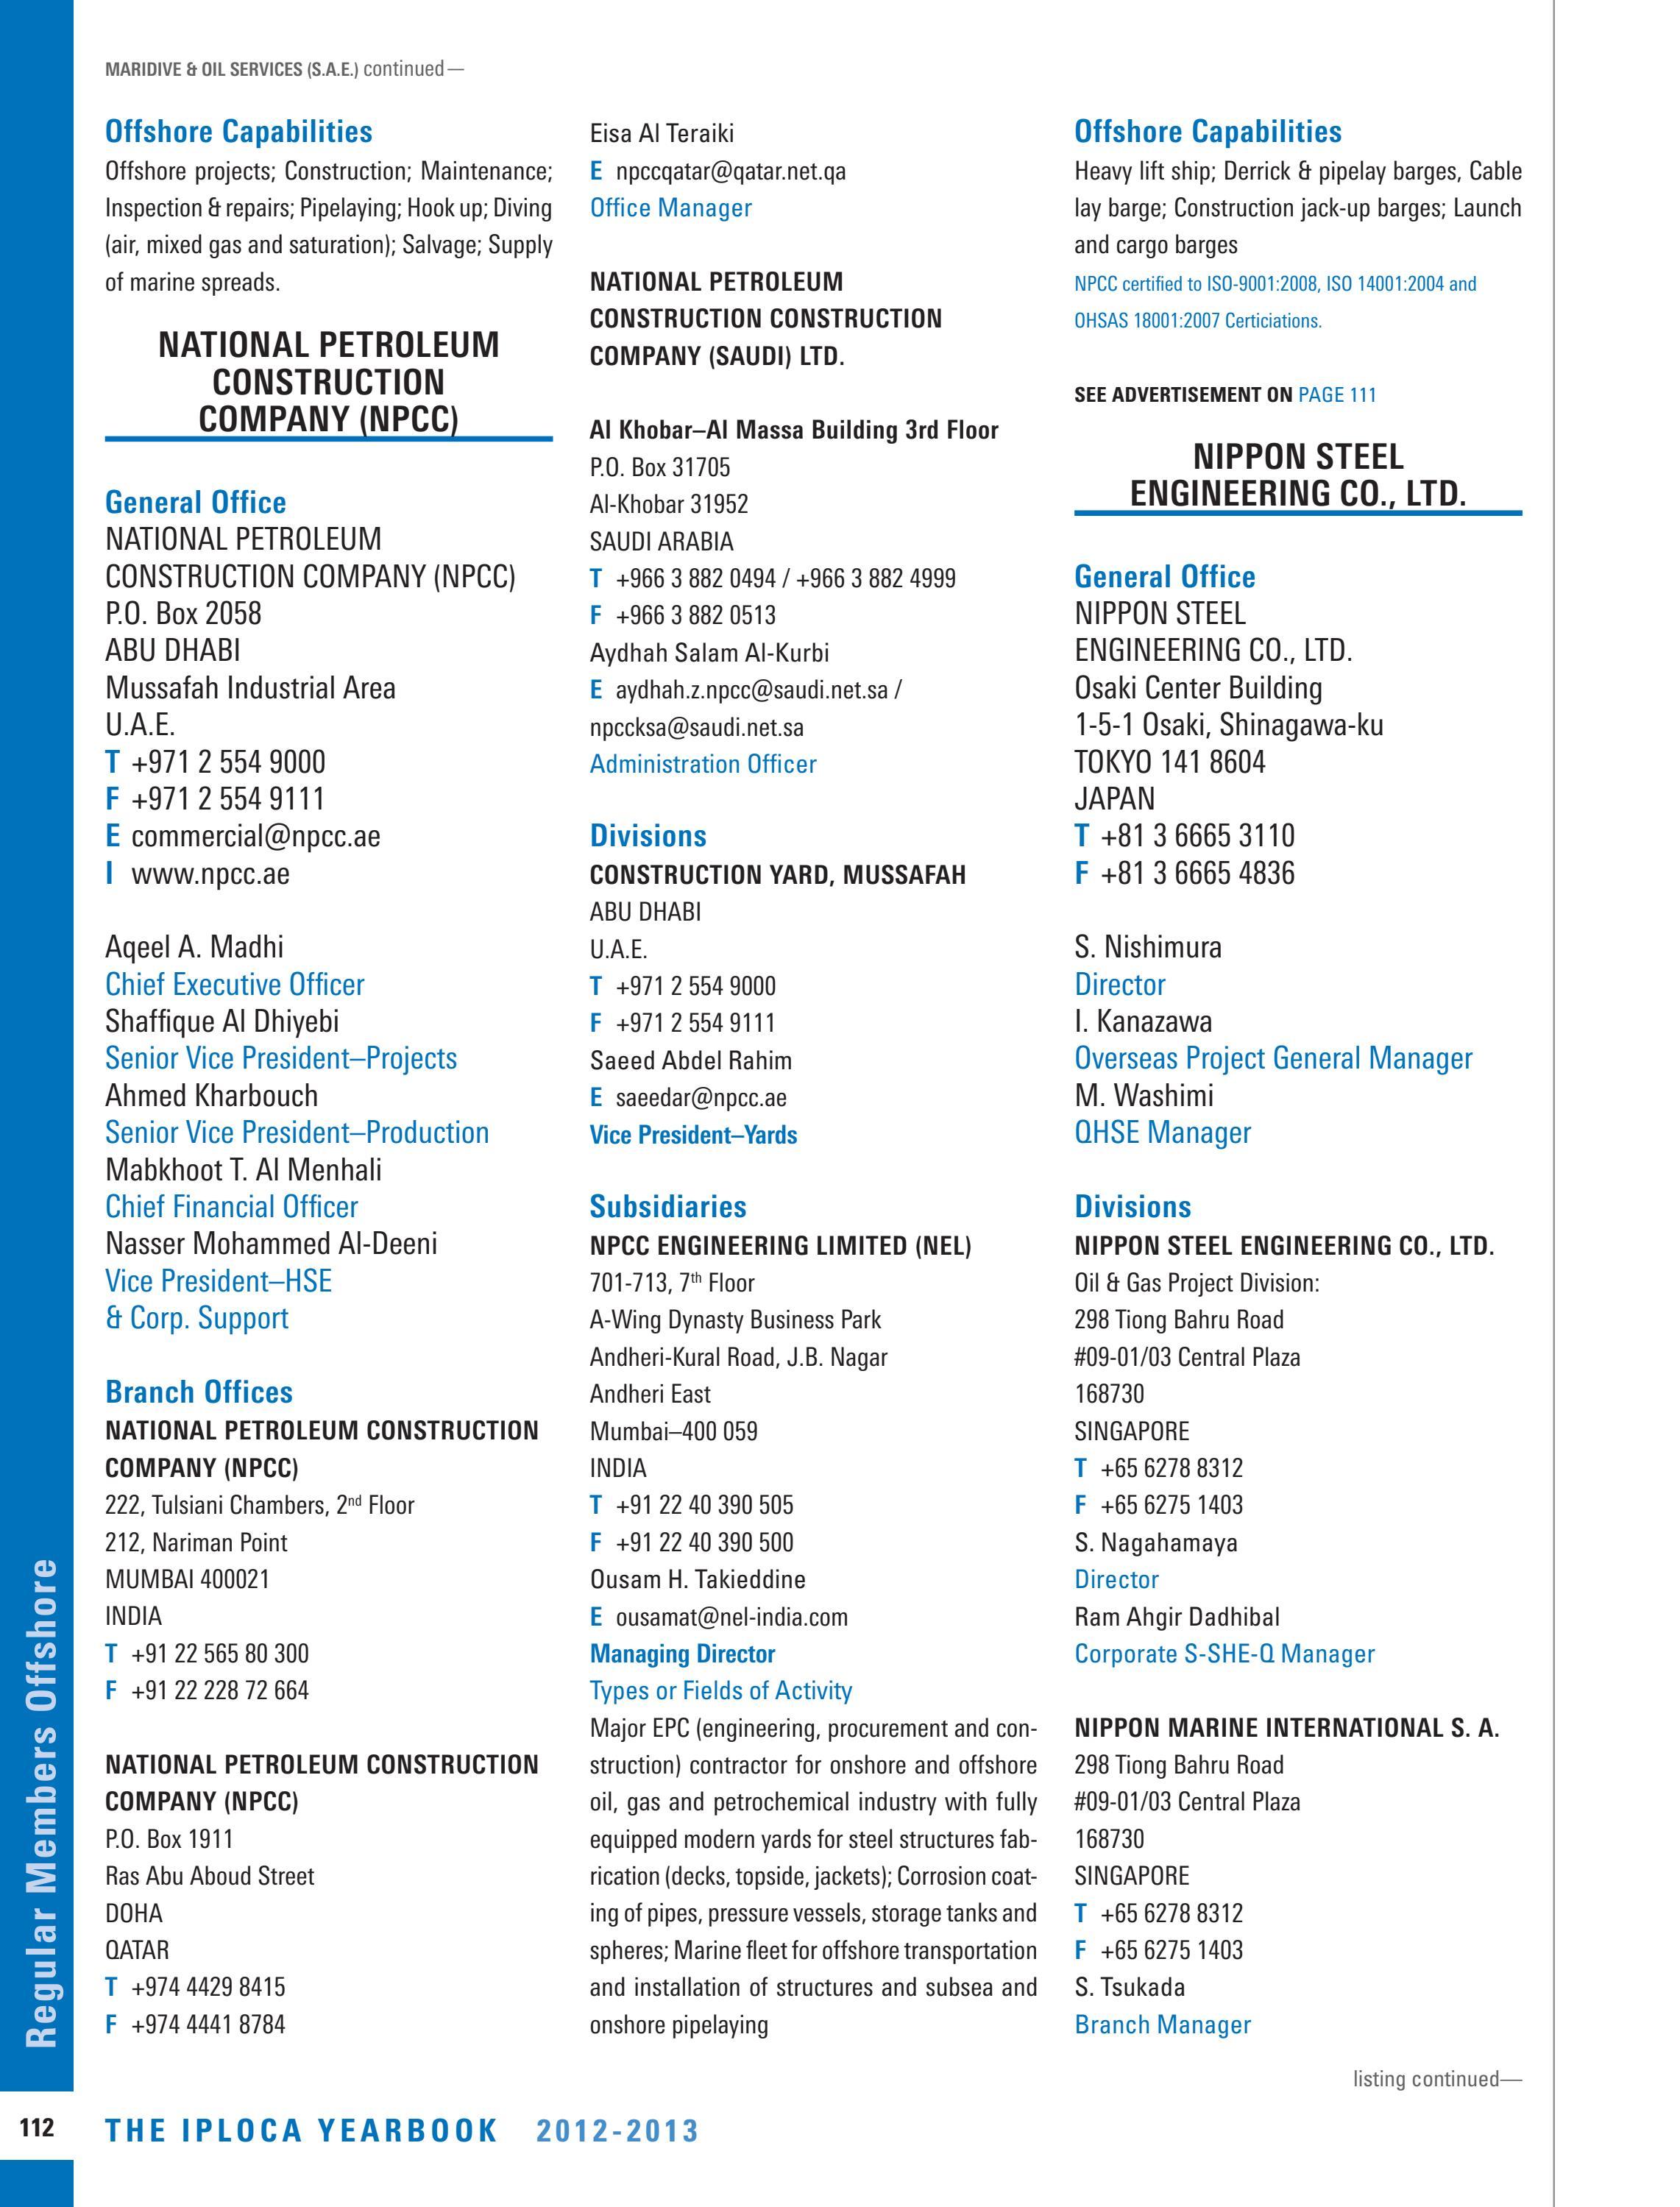 IPLOCA Yearbook 2012-2013 by Pedemex BV - issuu